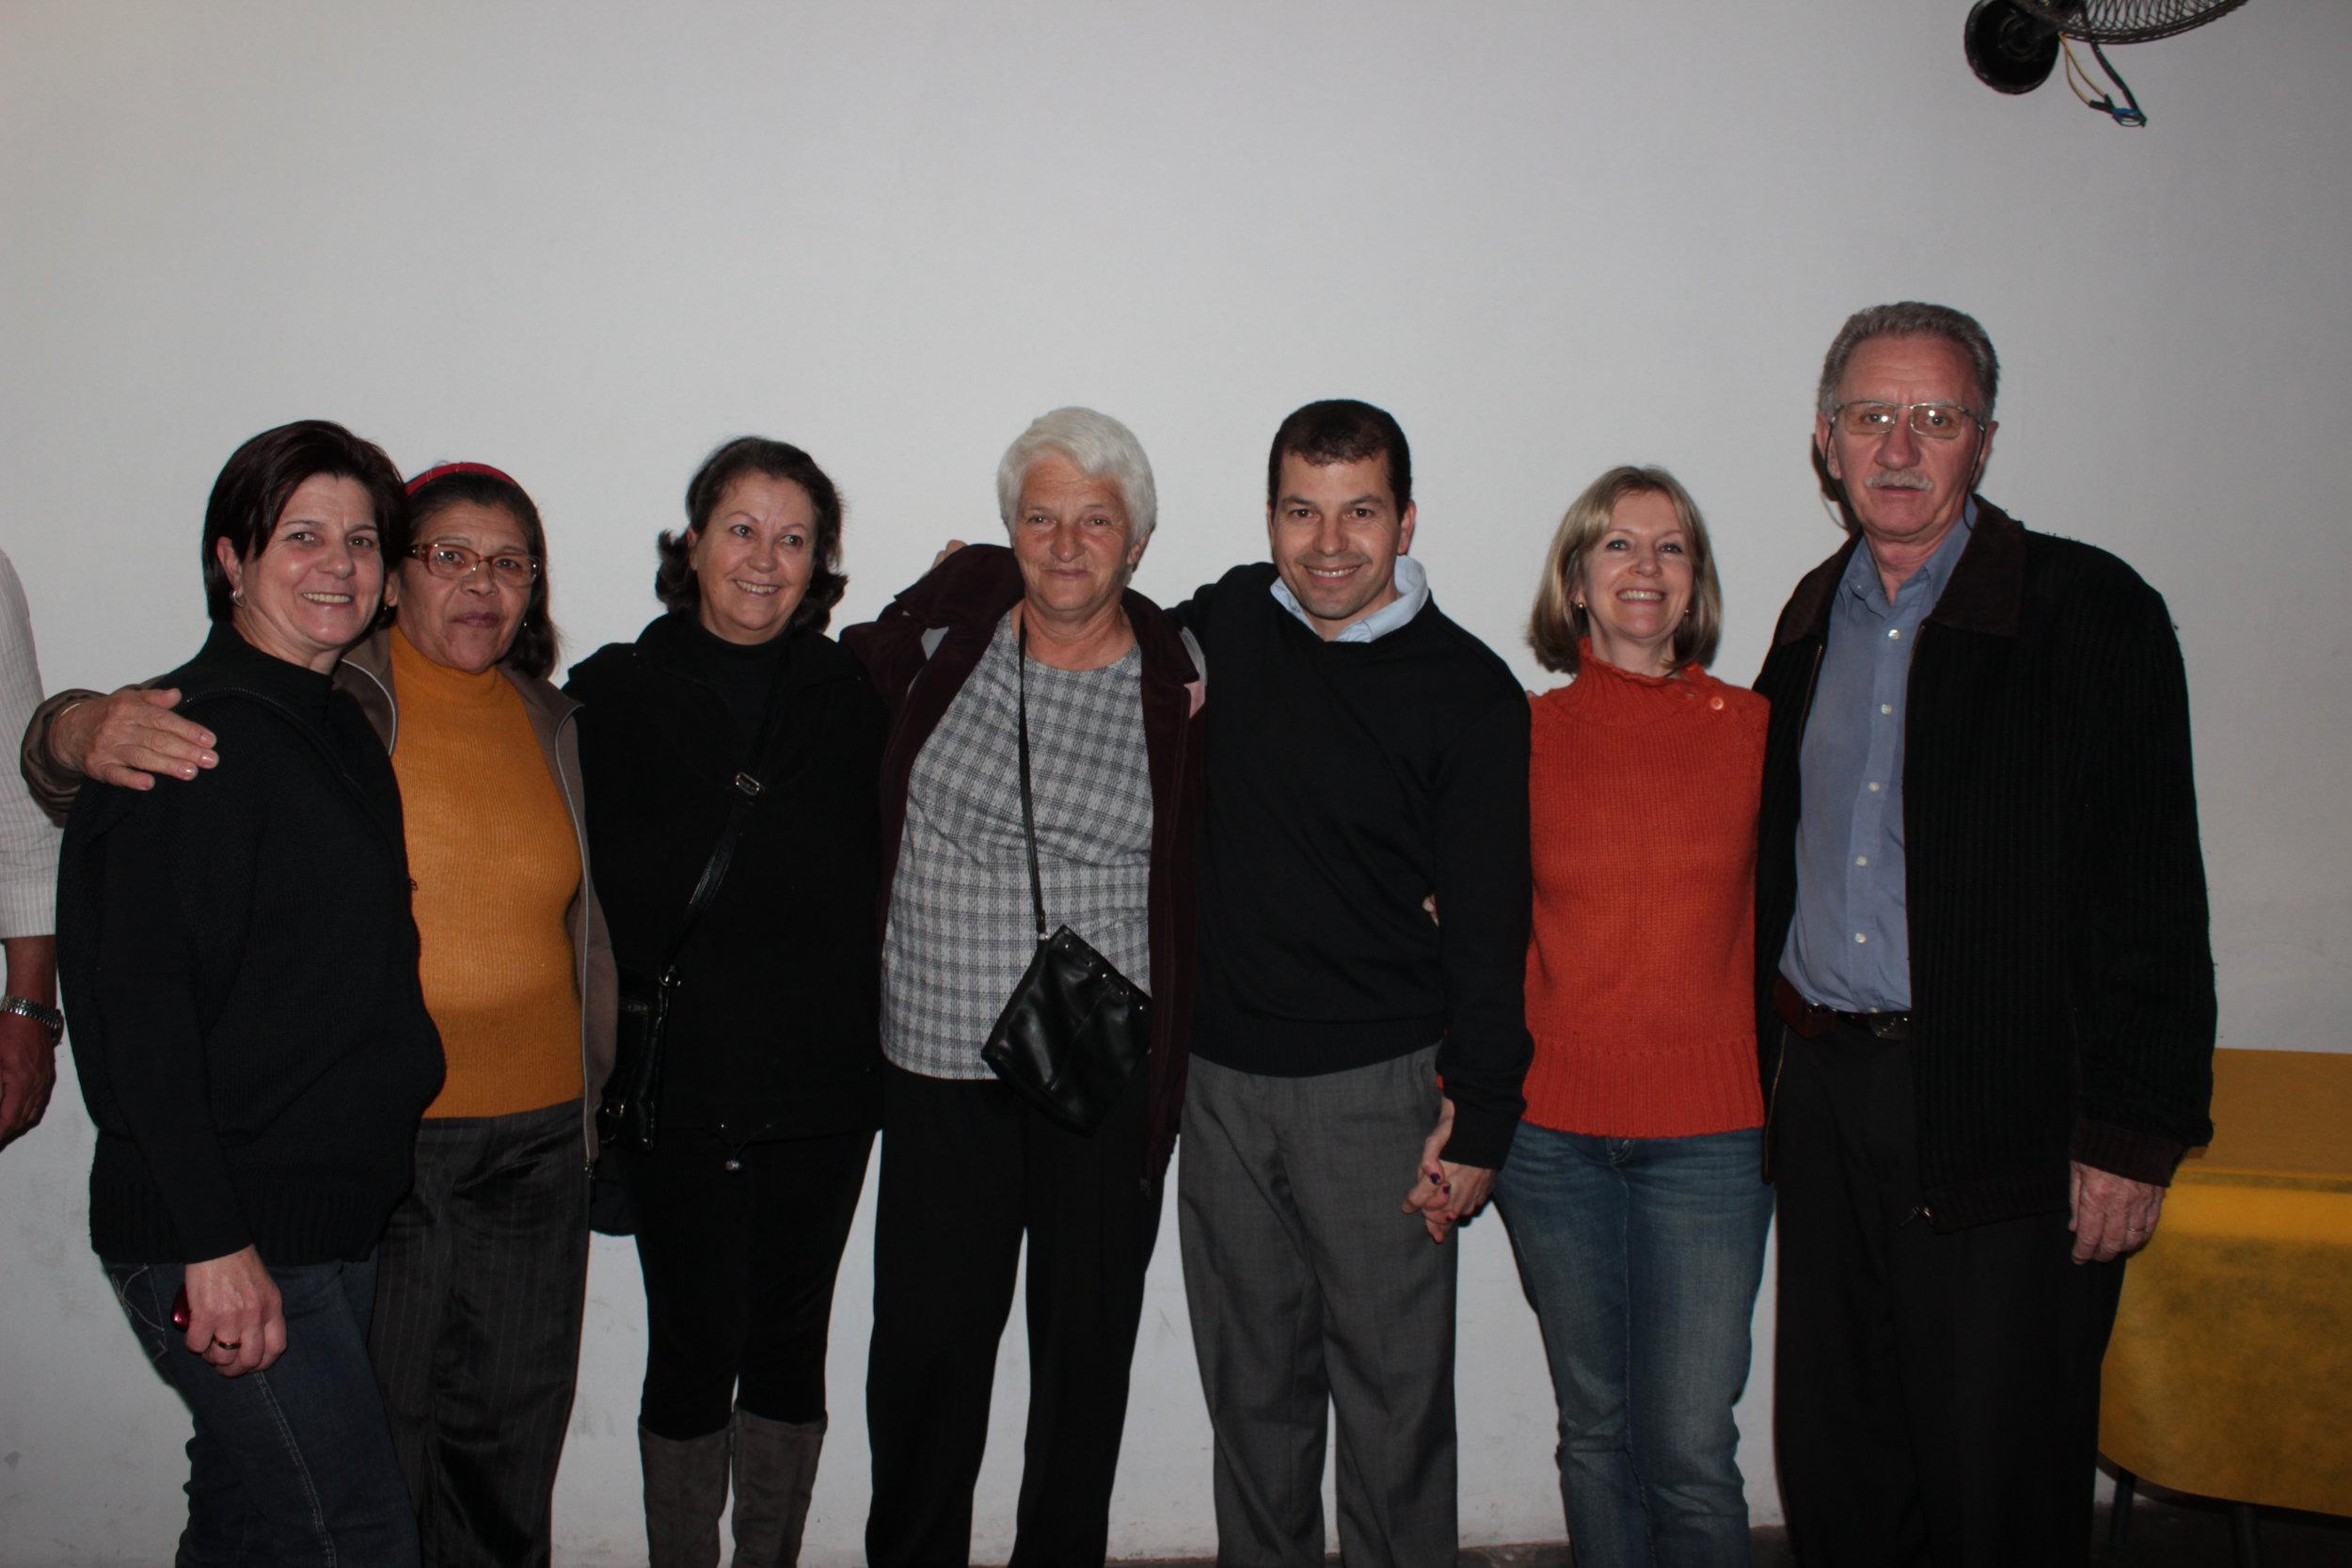 Lancamento Candidatura Serginho 2012 - Salao Rosario de Belem (64).JPG